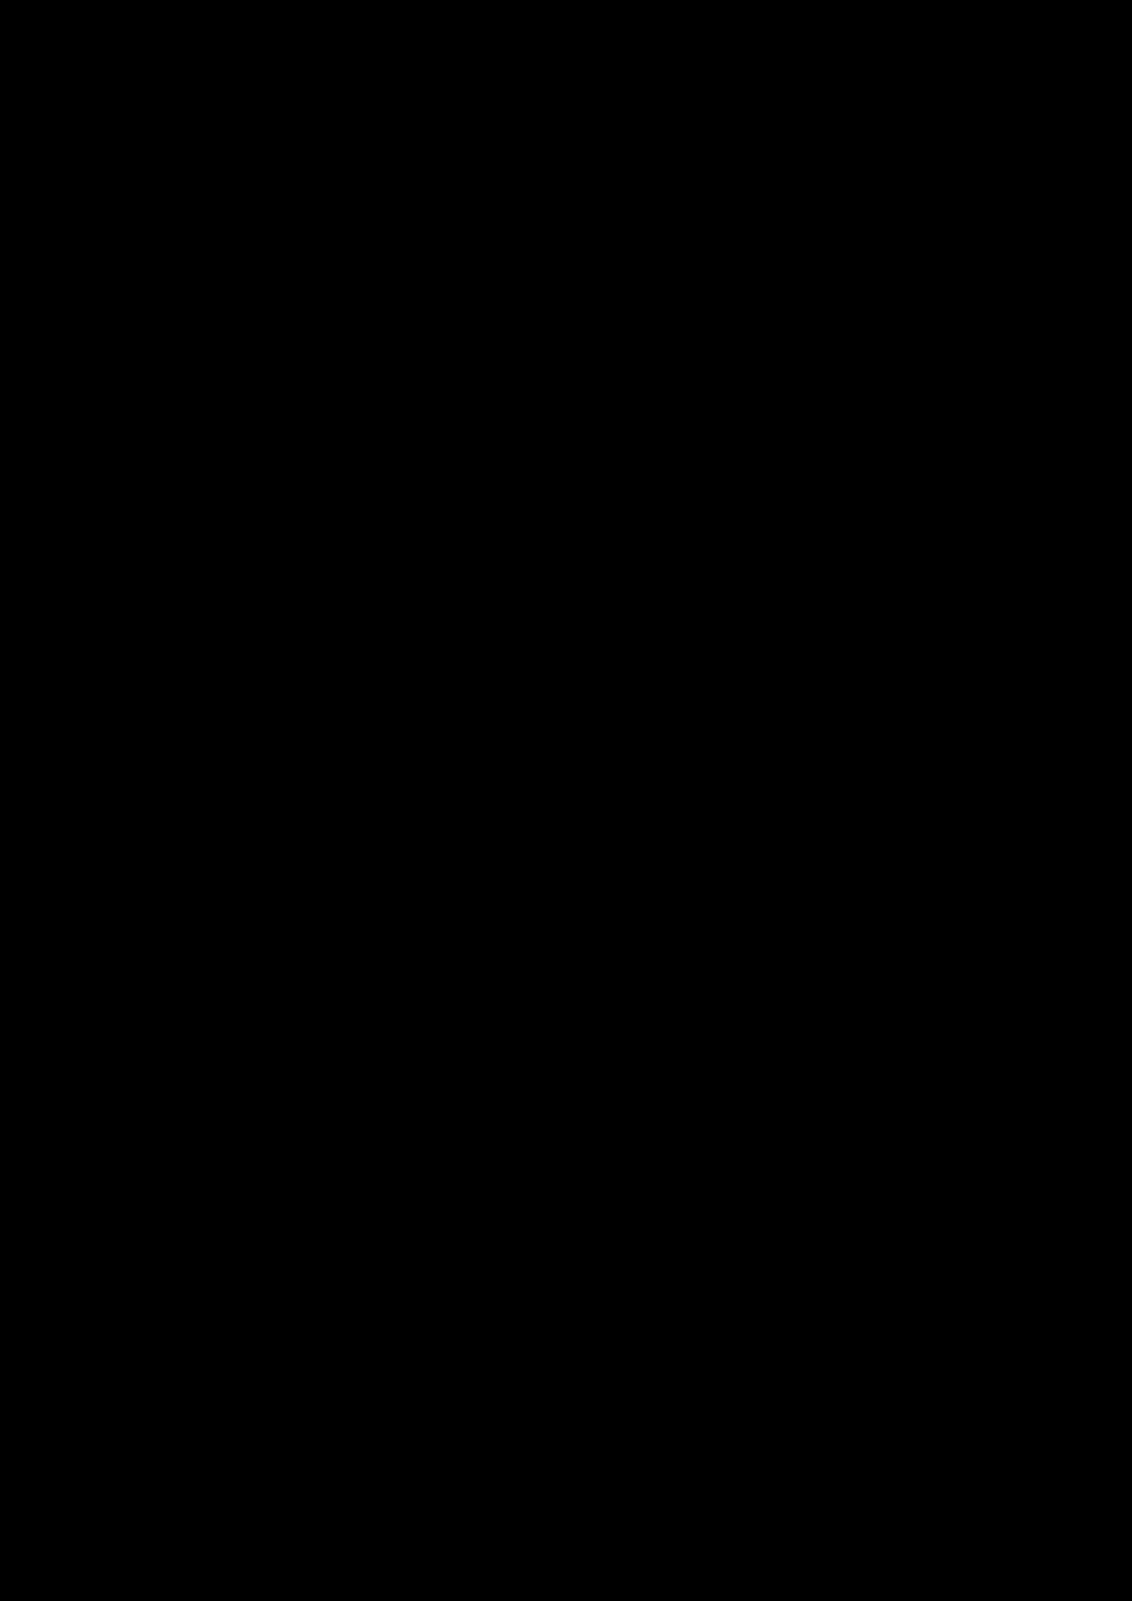 Vyibor Est slide, Image 36